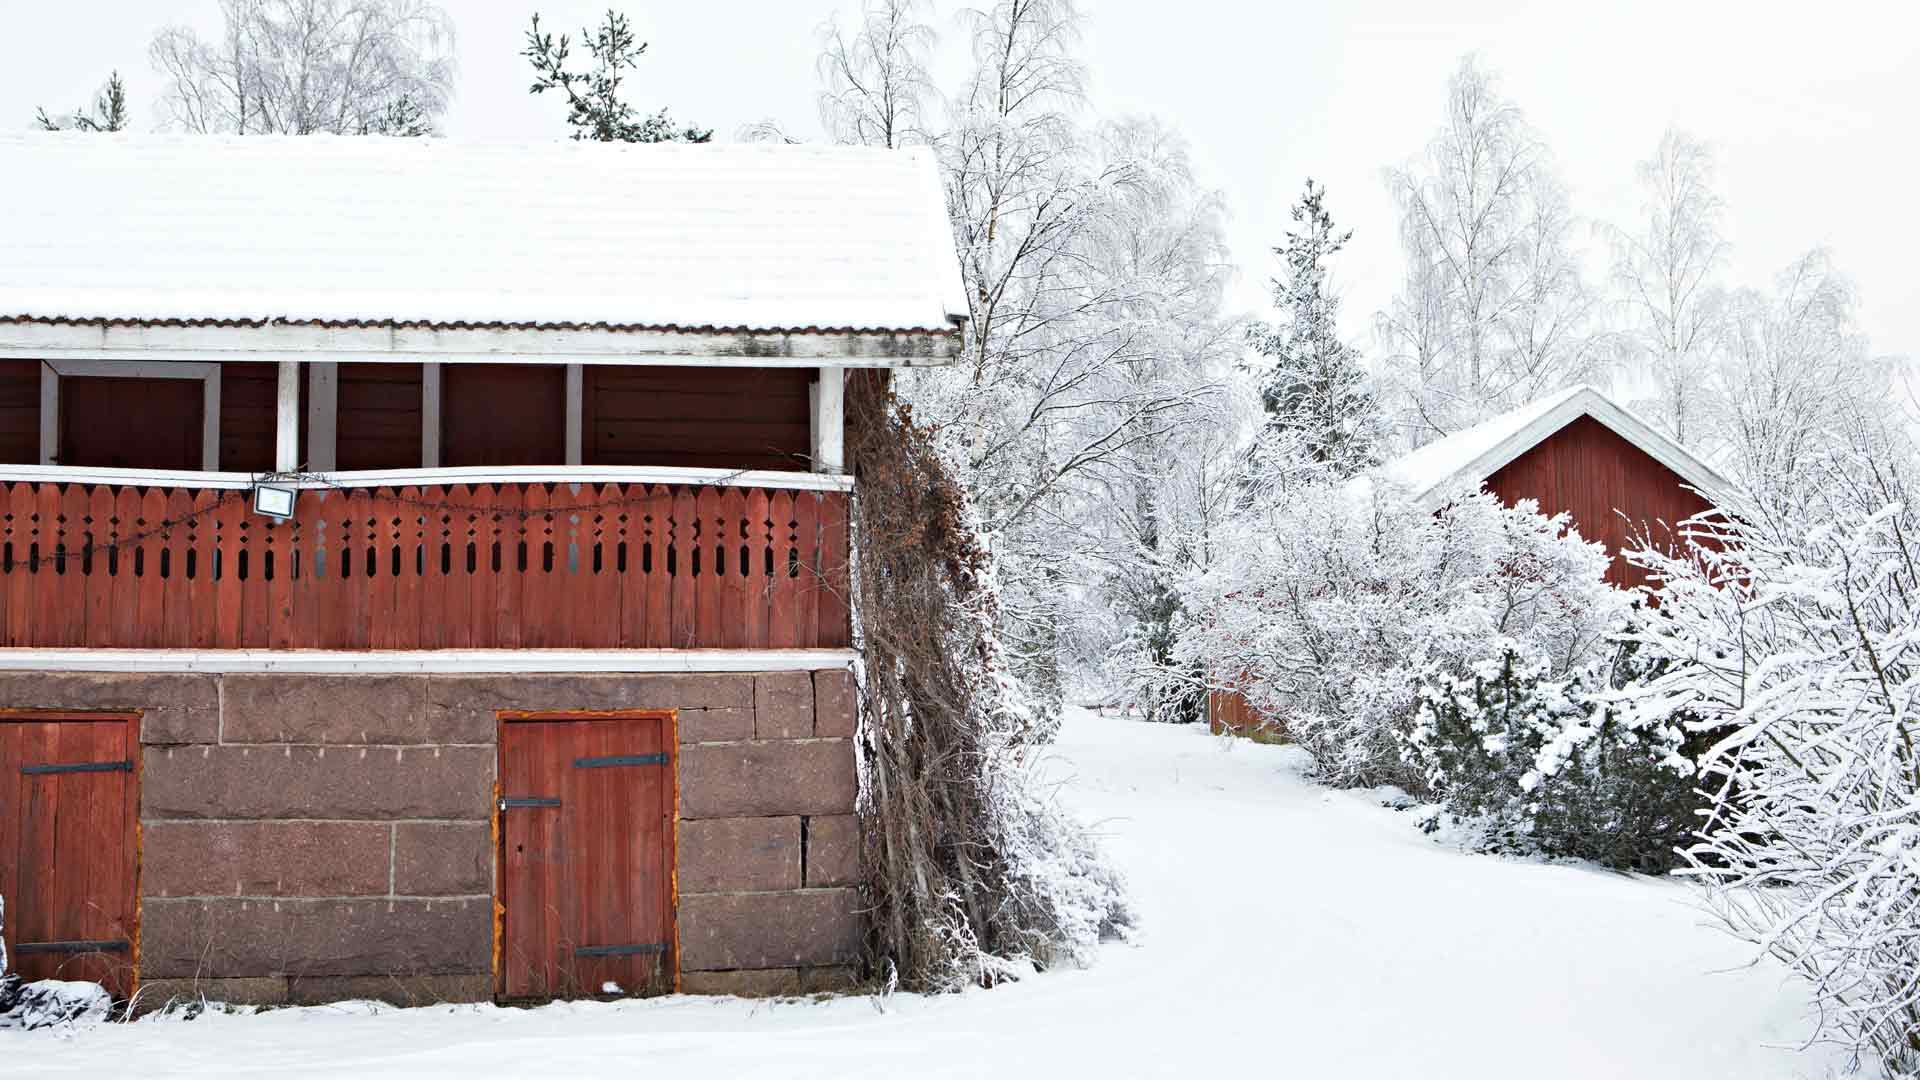 Tilan vanha aitta on vuodelta 1870 ja se on suojeltu. Aitta ja tilan pieni asuinrakennus eli torppa ovat seuraavana entisöintilistalla.